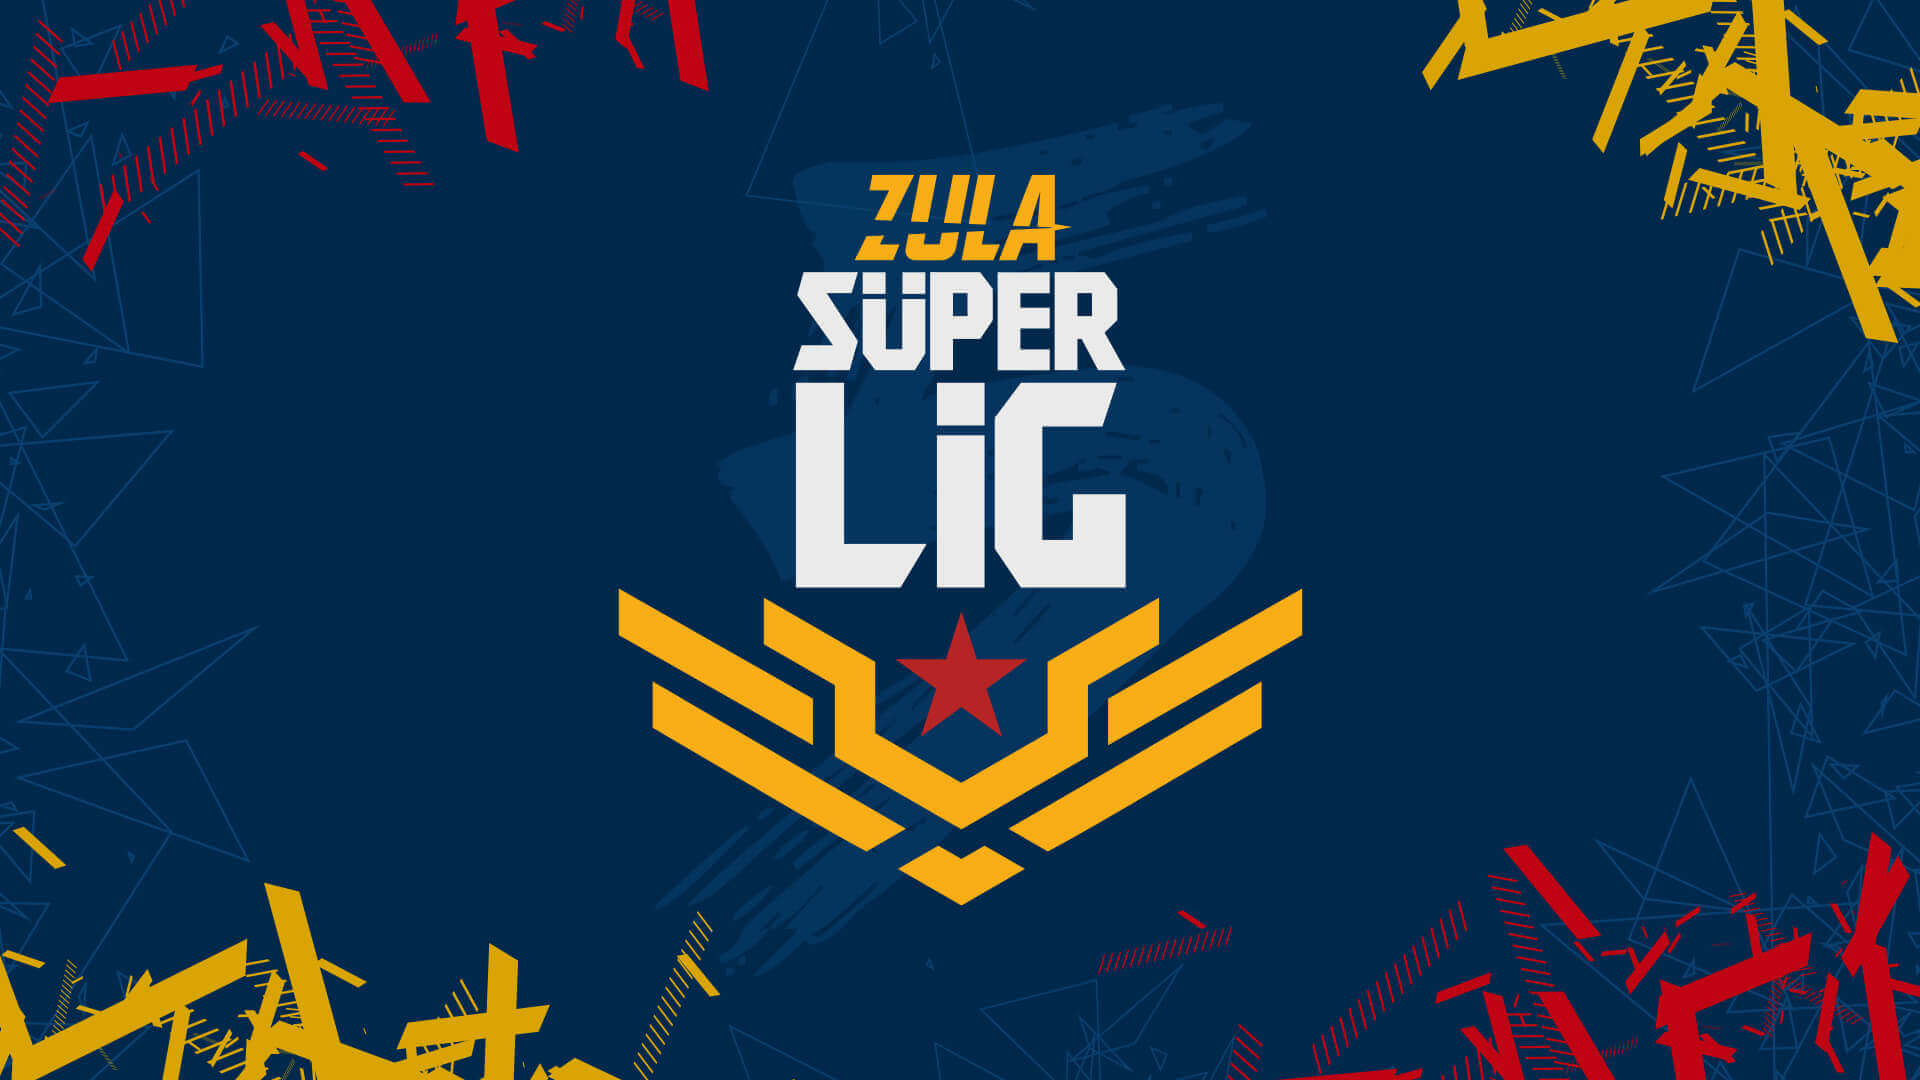 Zula Süper Lig 7. Sezon 5. Hafta 1. Gün karşılaşmaları tamamlandı!